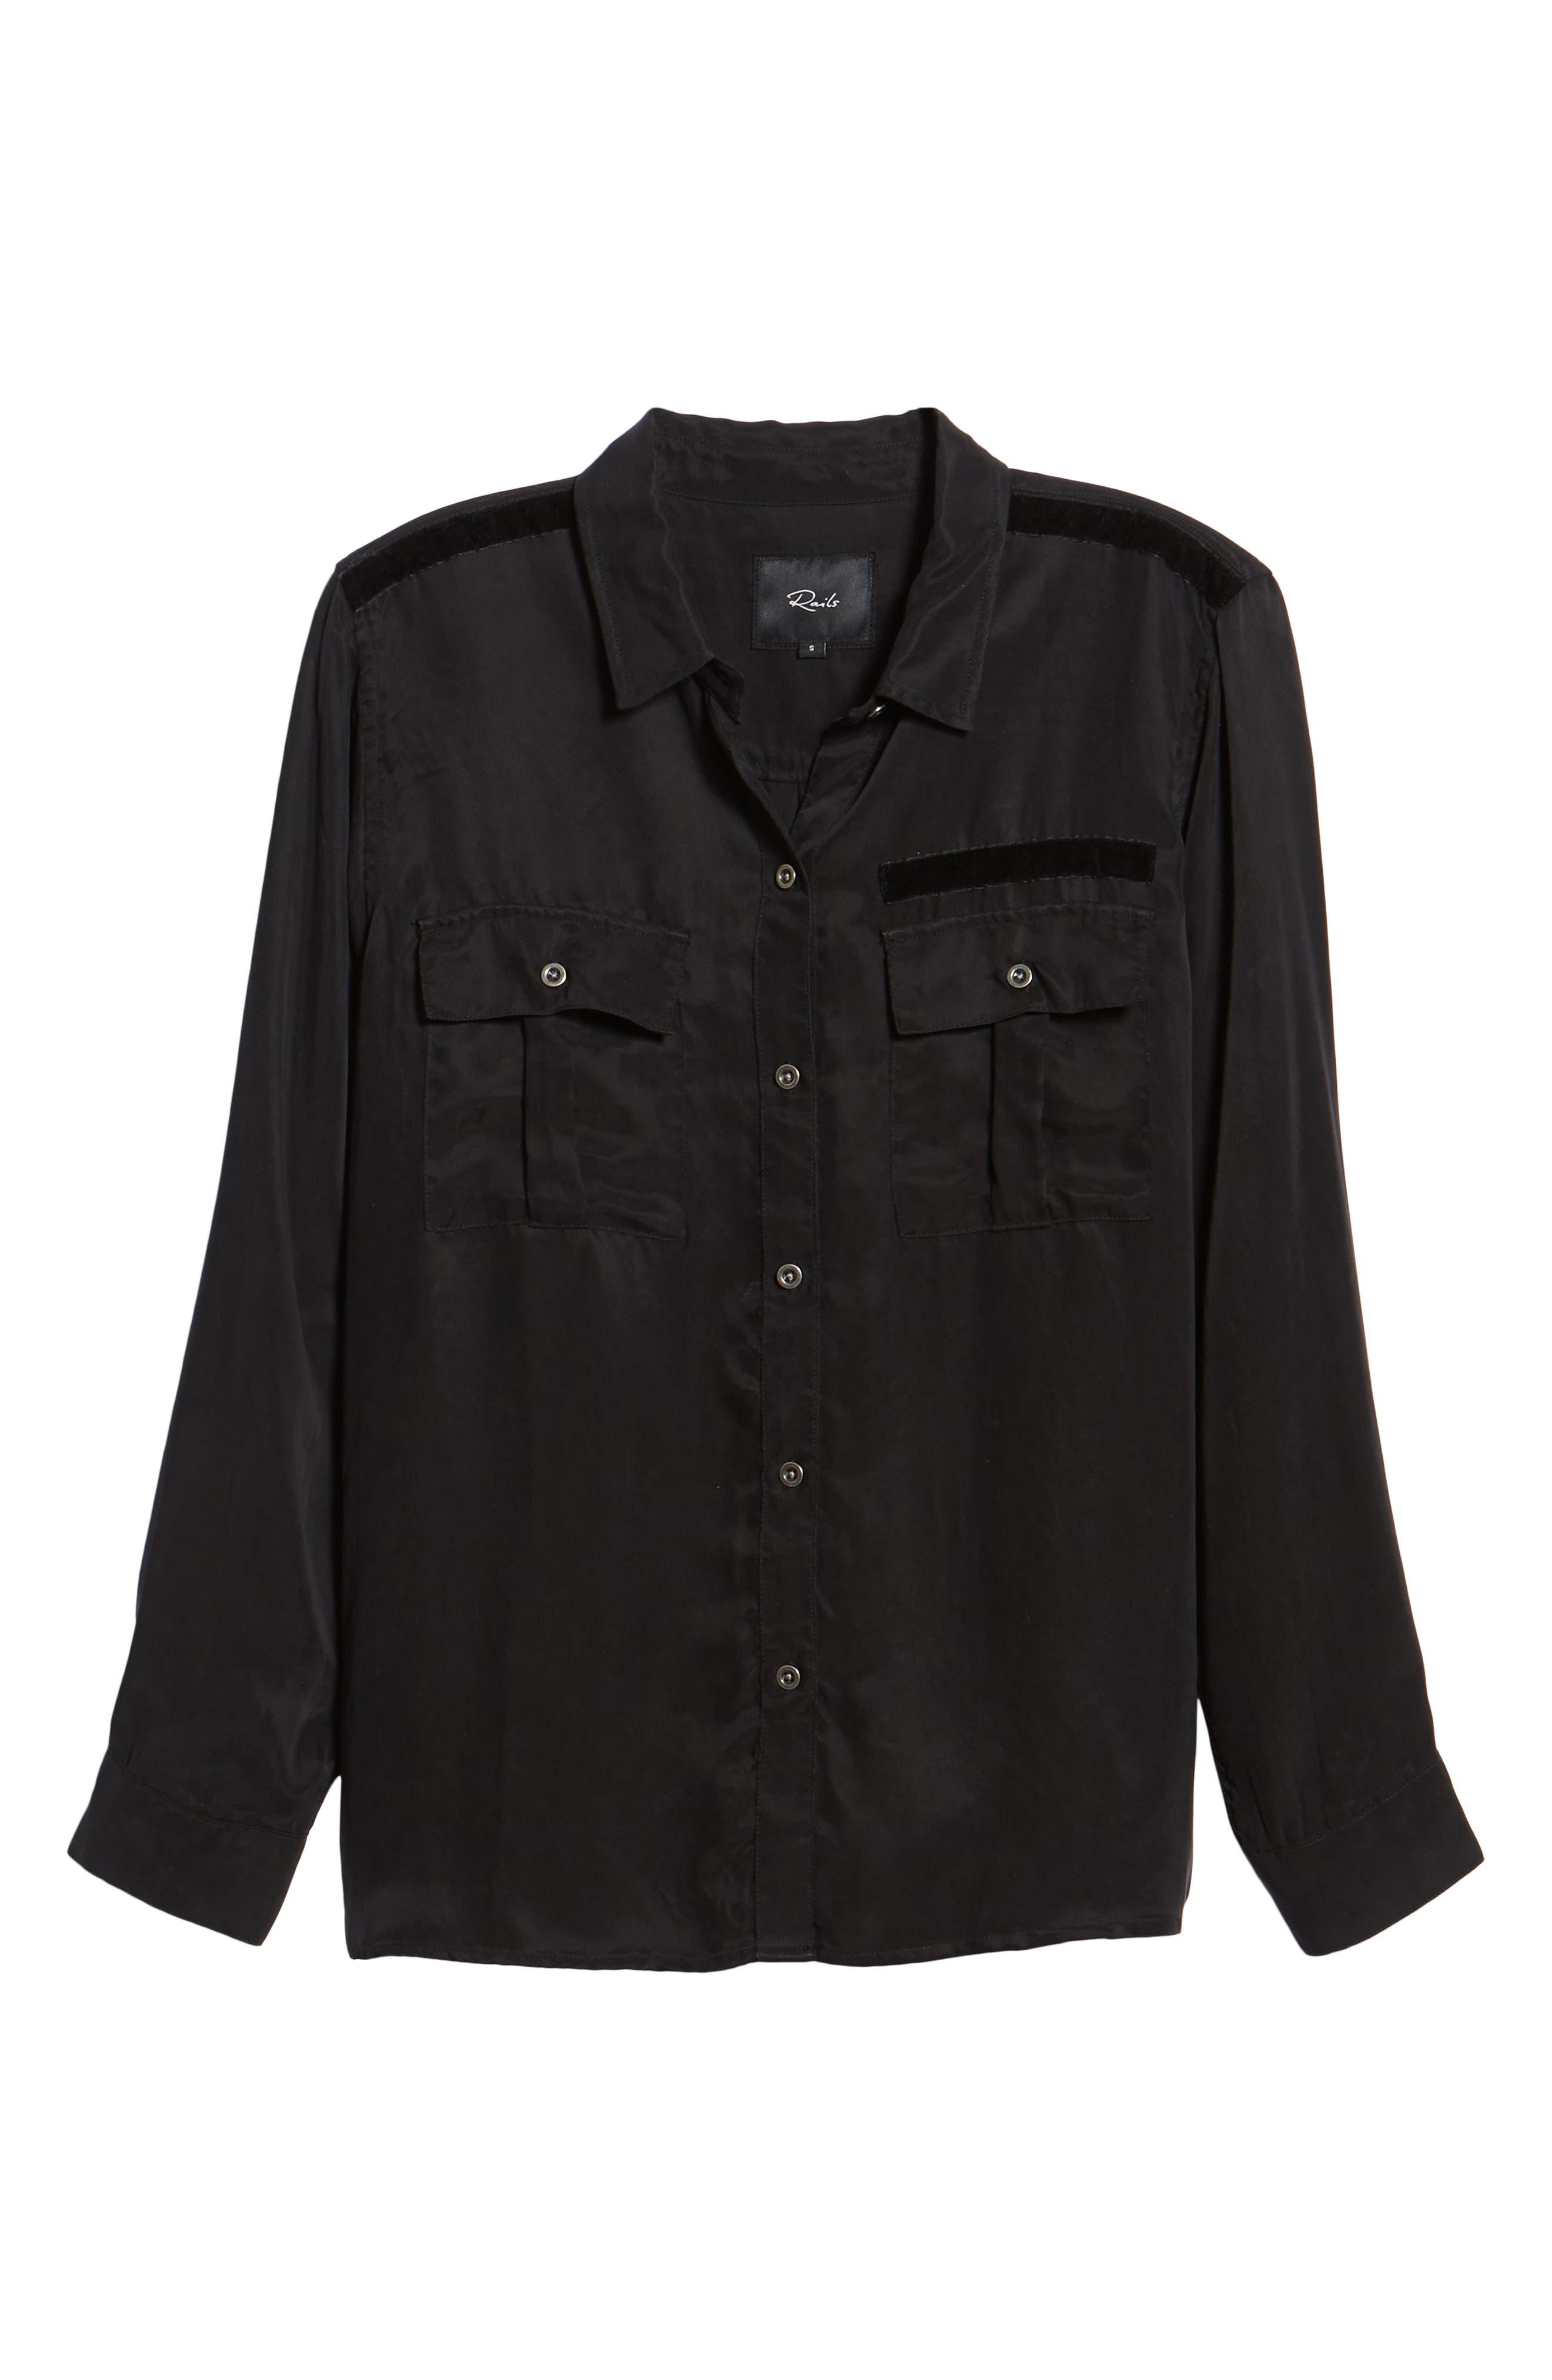 Kent Button Up Blouse,                             Alternate thumbnail 6, color,                             BLACK